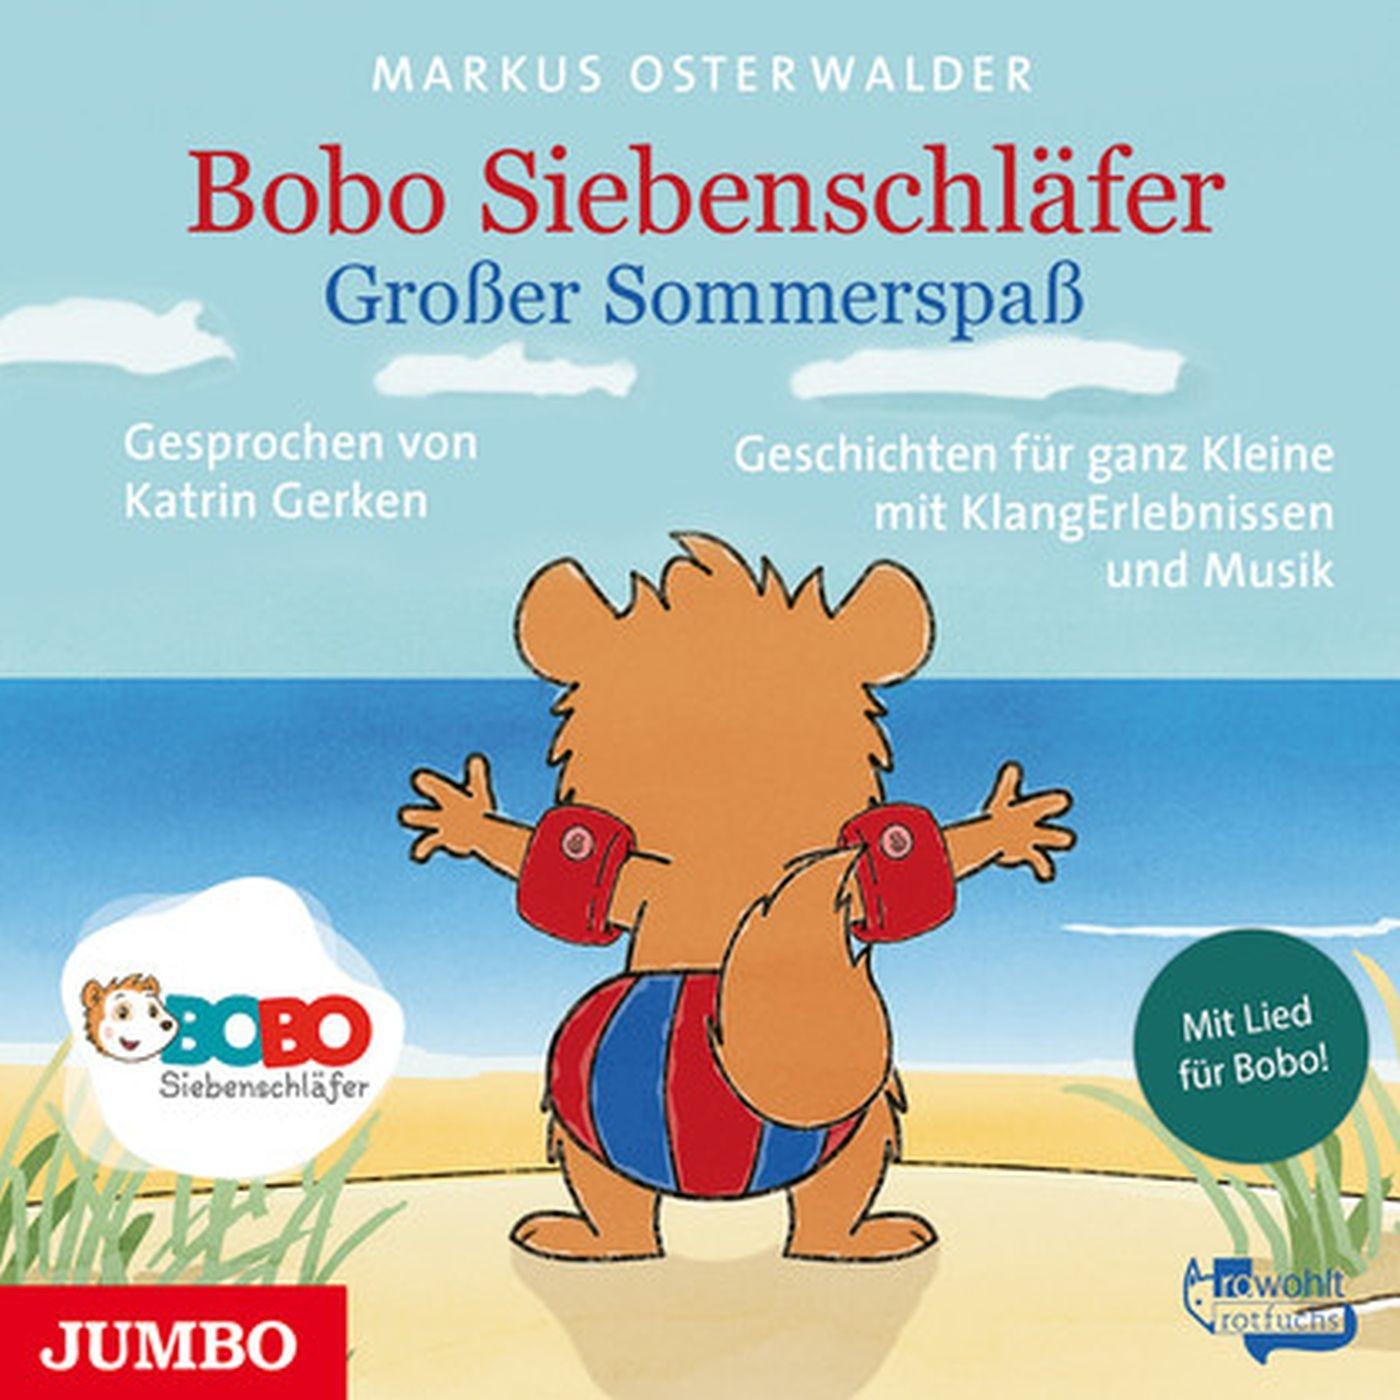 Markus Osterwalder - Bobo Siebenschläfer. Großer Sommerspaß